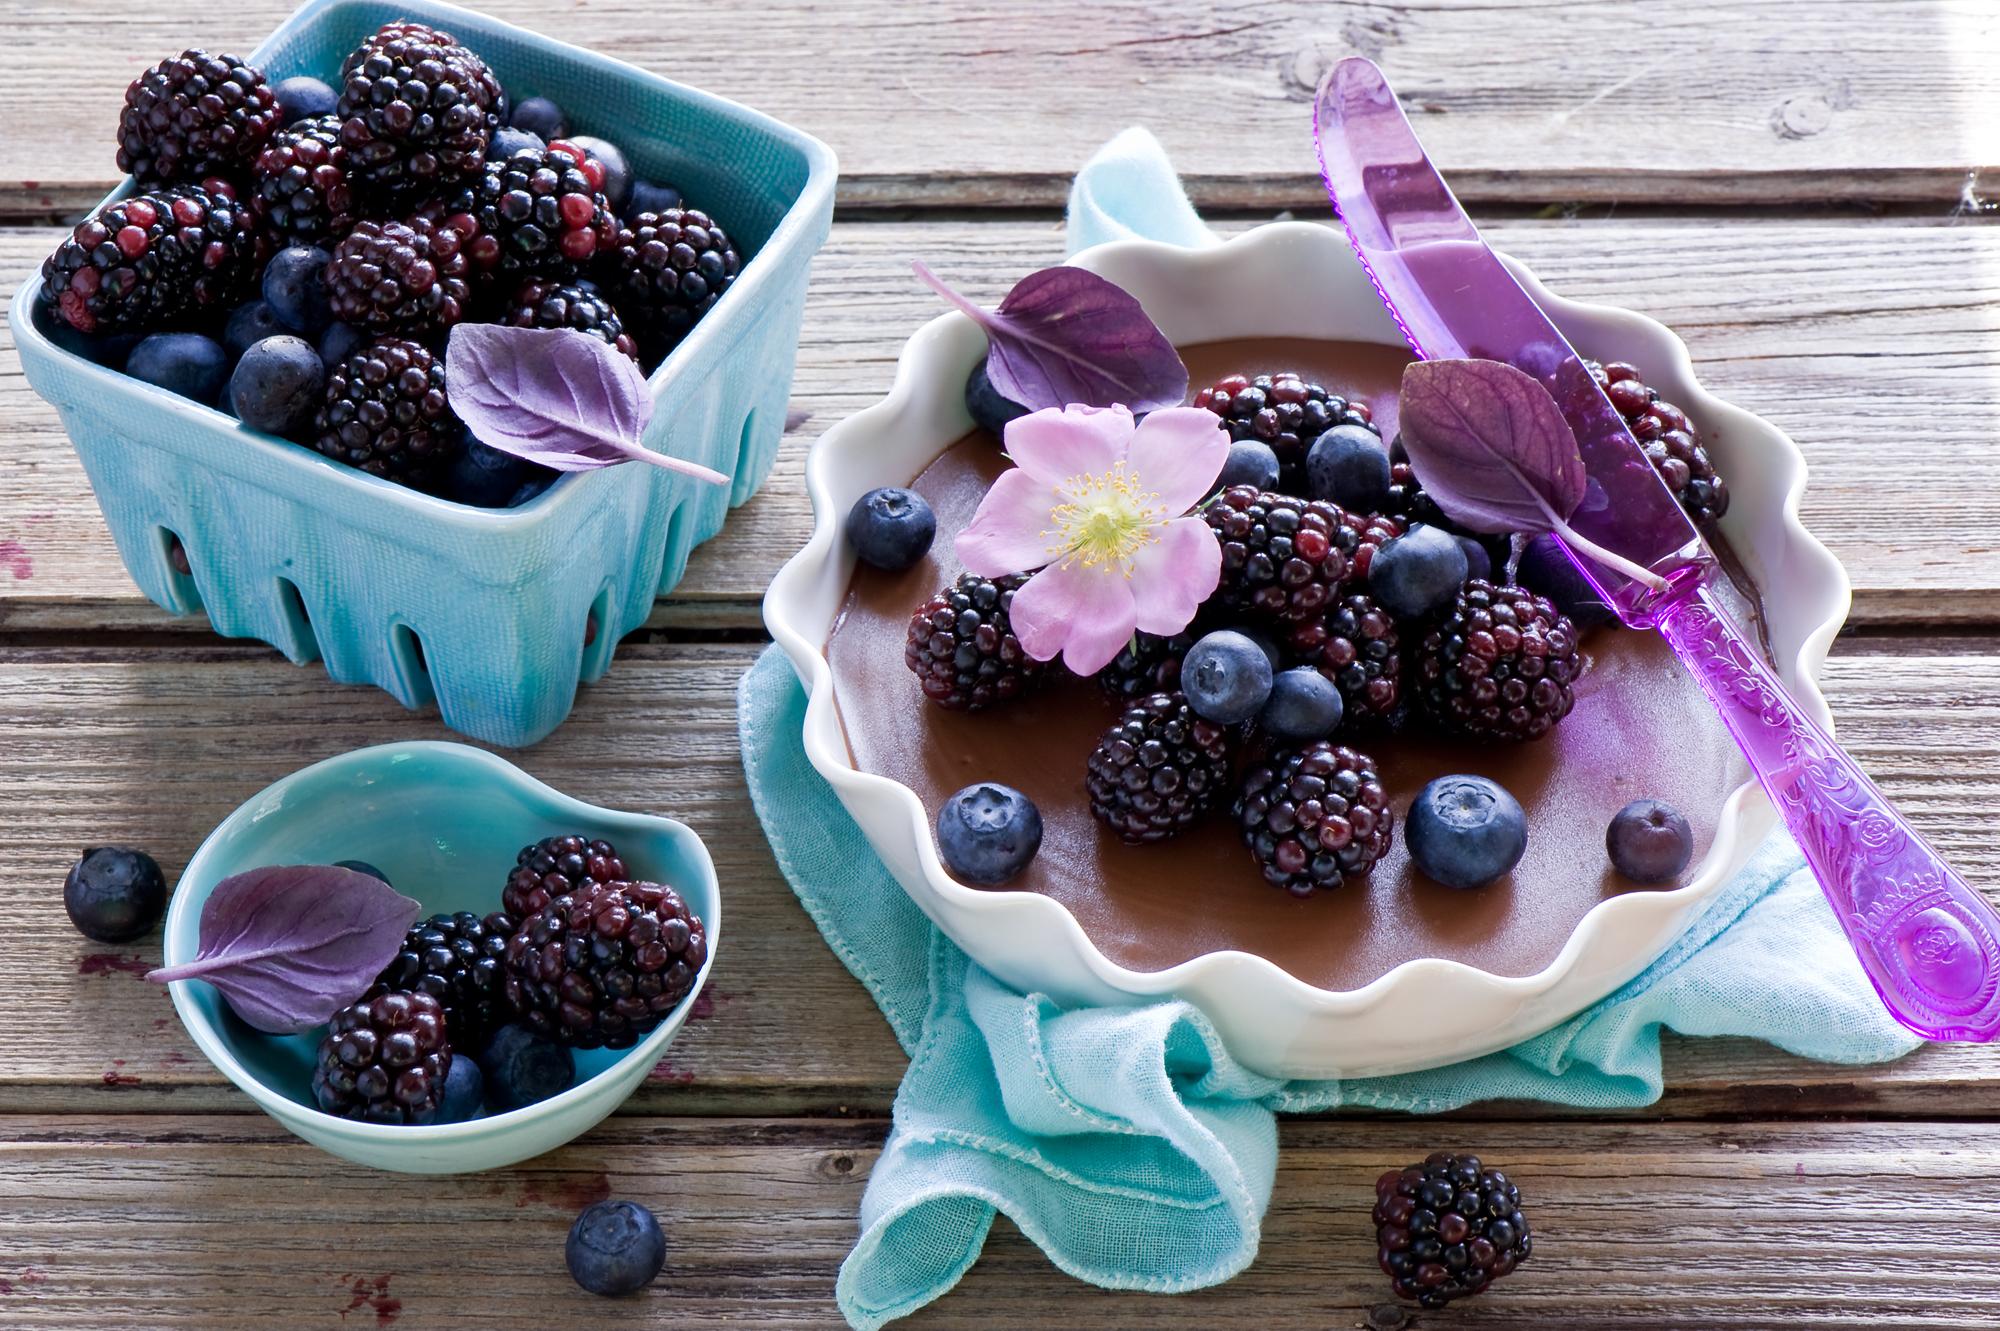 51468 Hintergrundbild herunterladen Lebensmittel, Geschirr, Blaubeeren, Berries, Blackberry - Bildschirmschoner und Bilder kostenlos